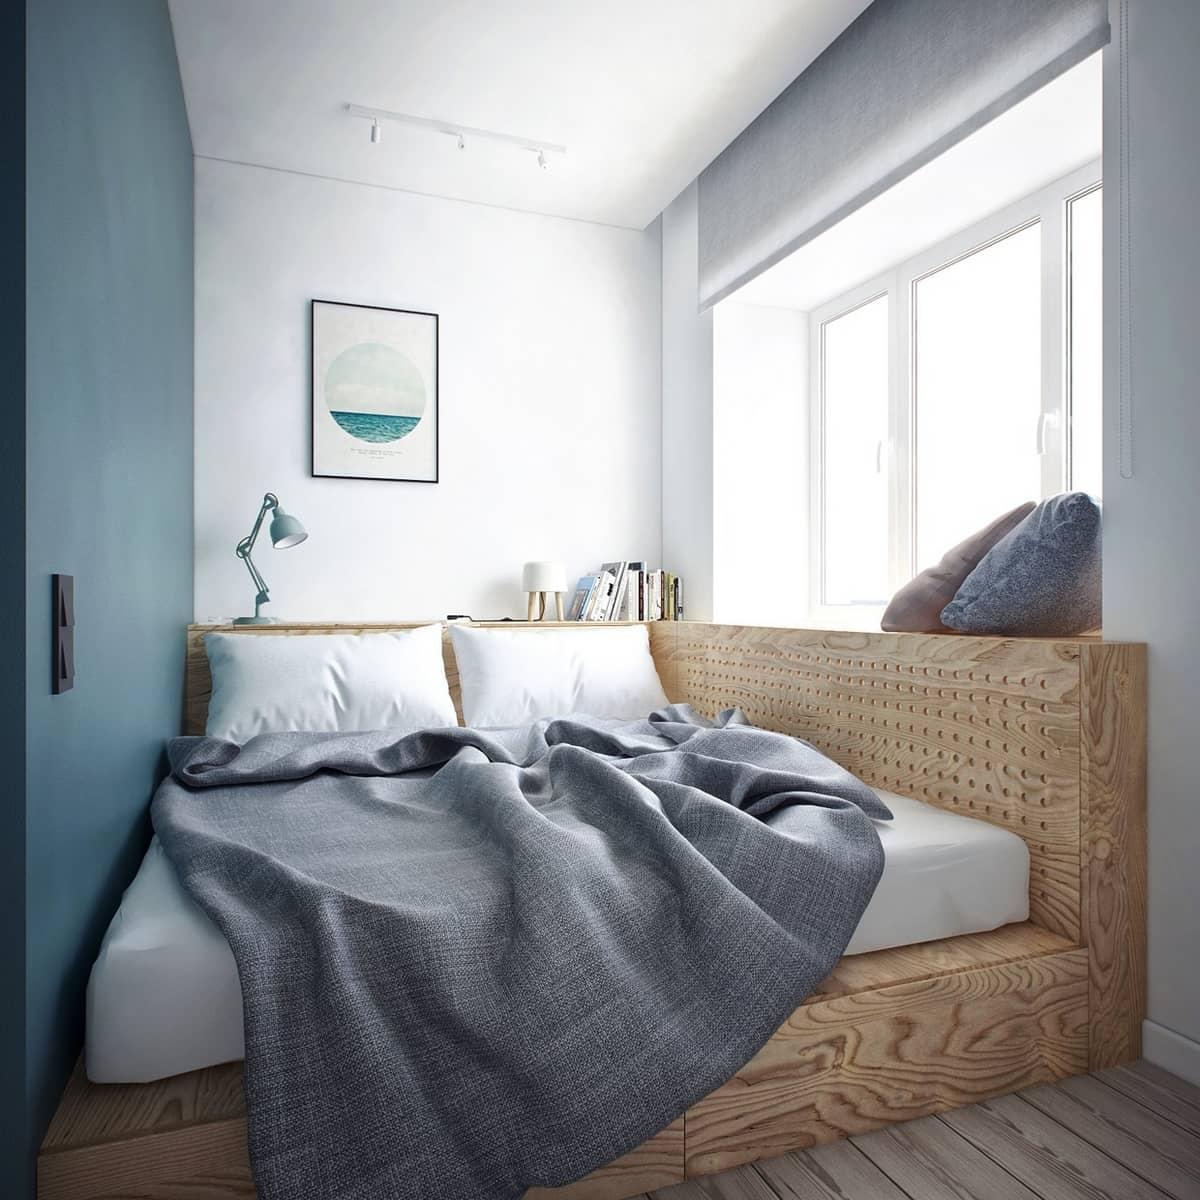 Кровать подиум в маленькой спальне